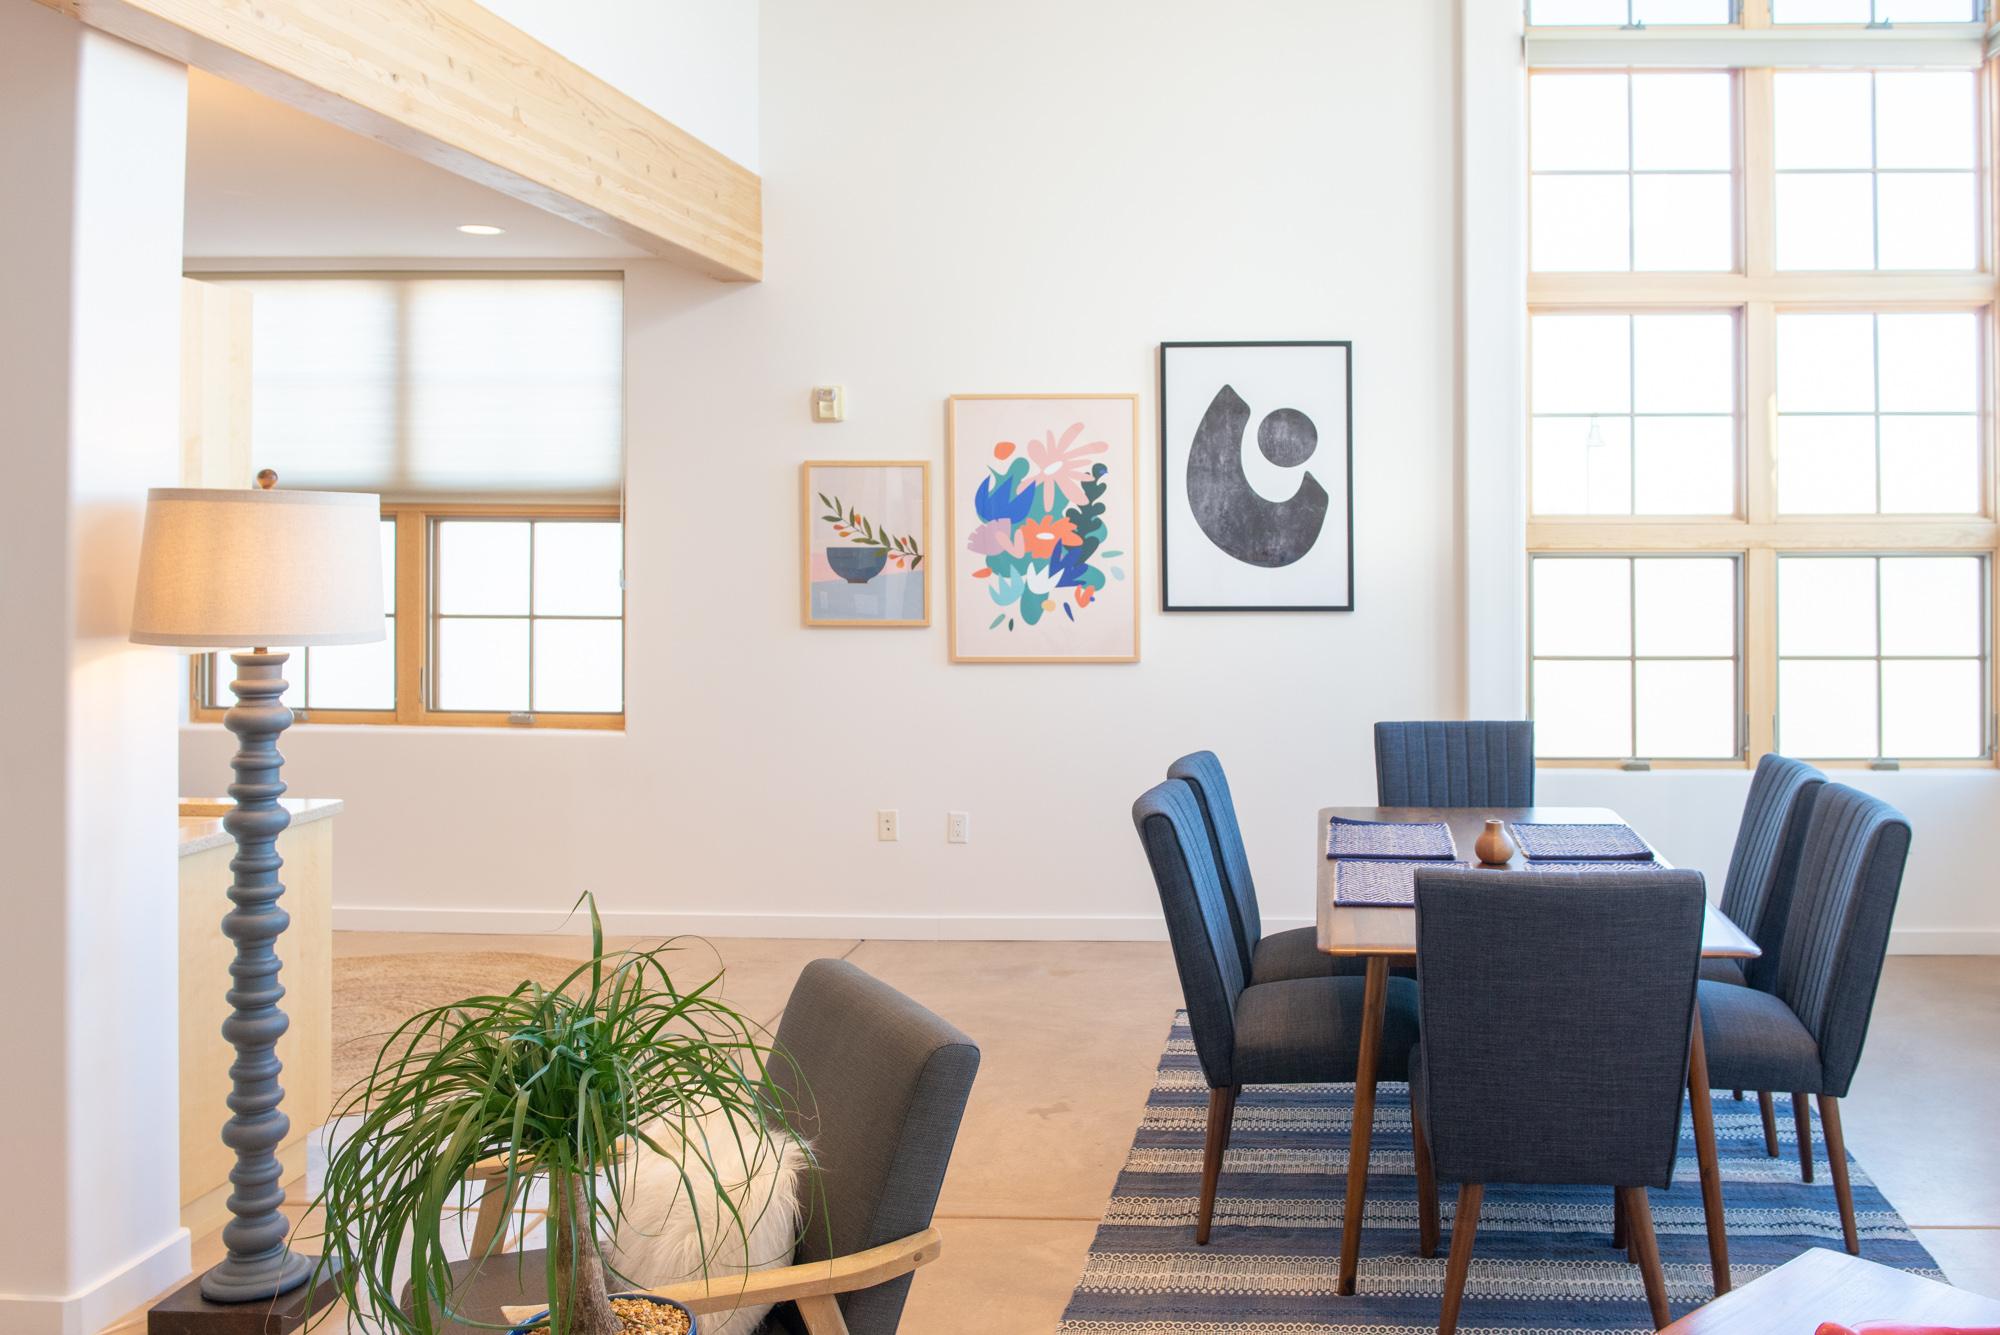 artyard-lofts-social-media-3201.jpg